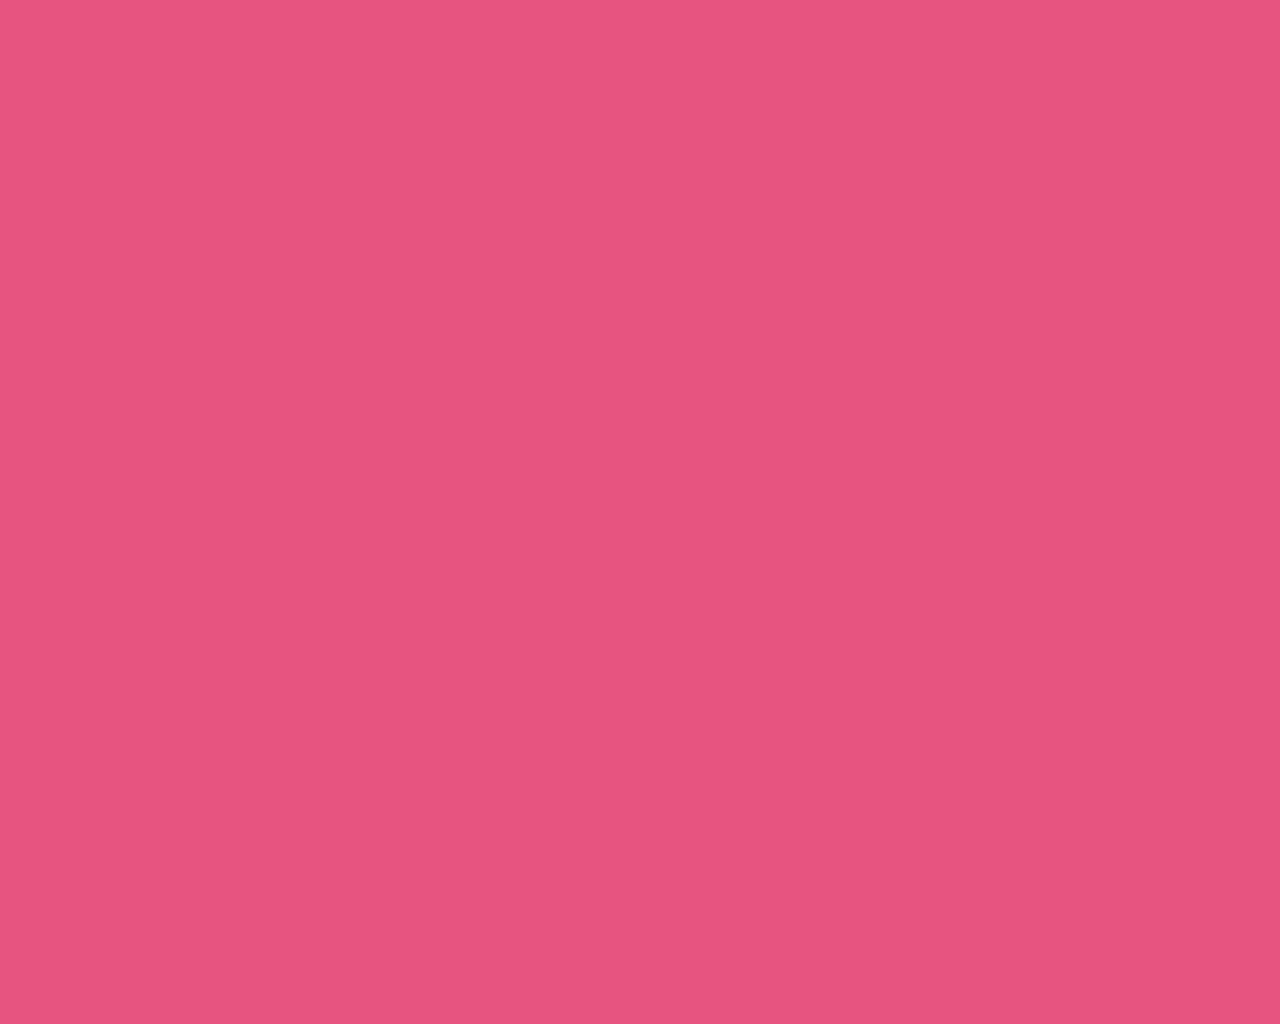 Wallpaper Dark Pink Immagini 1280x1024